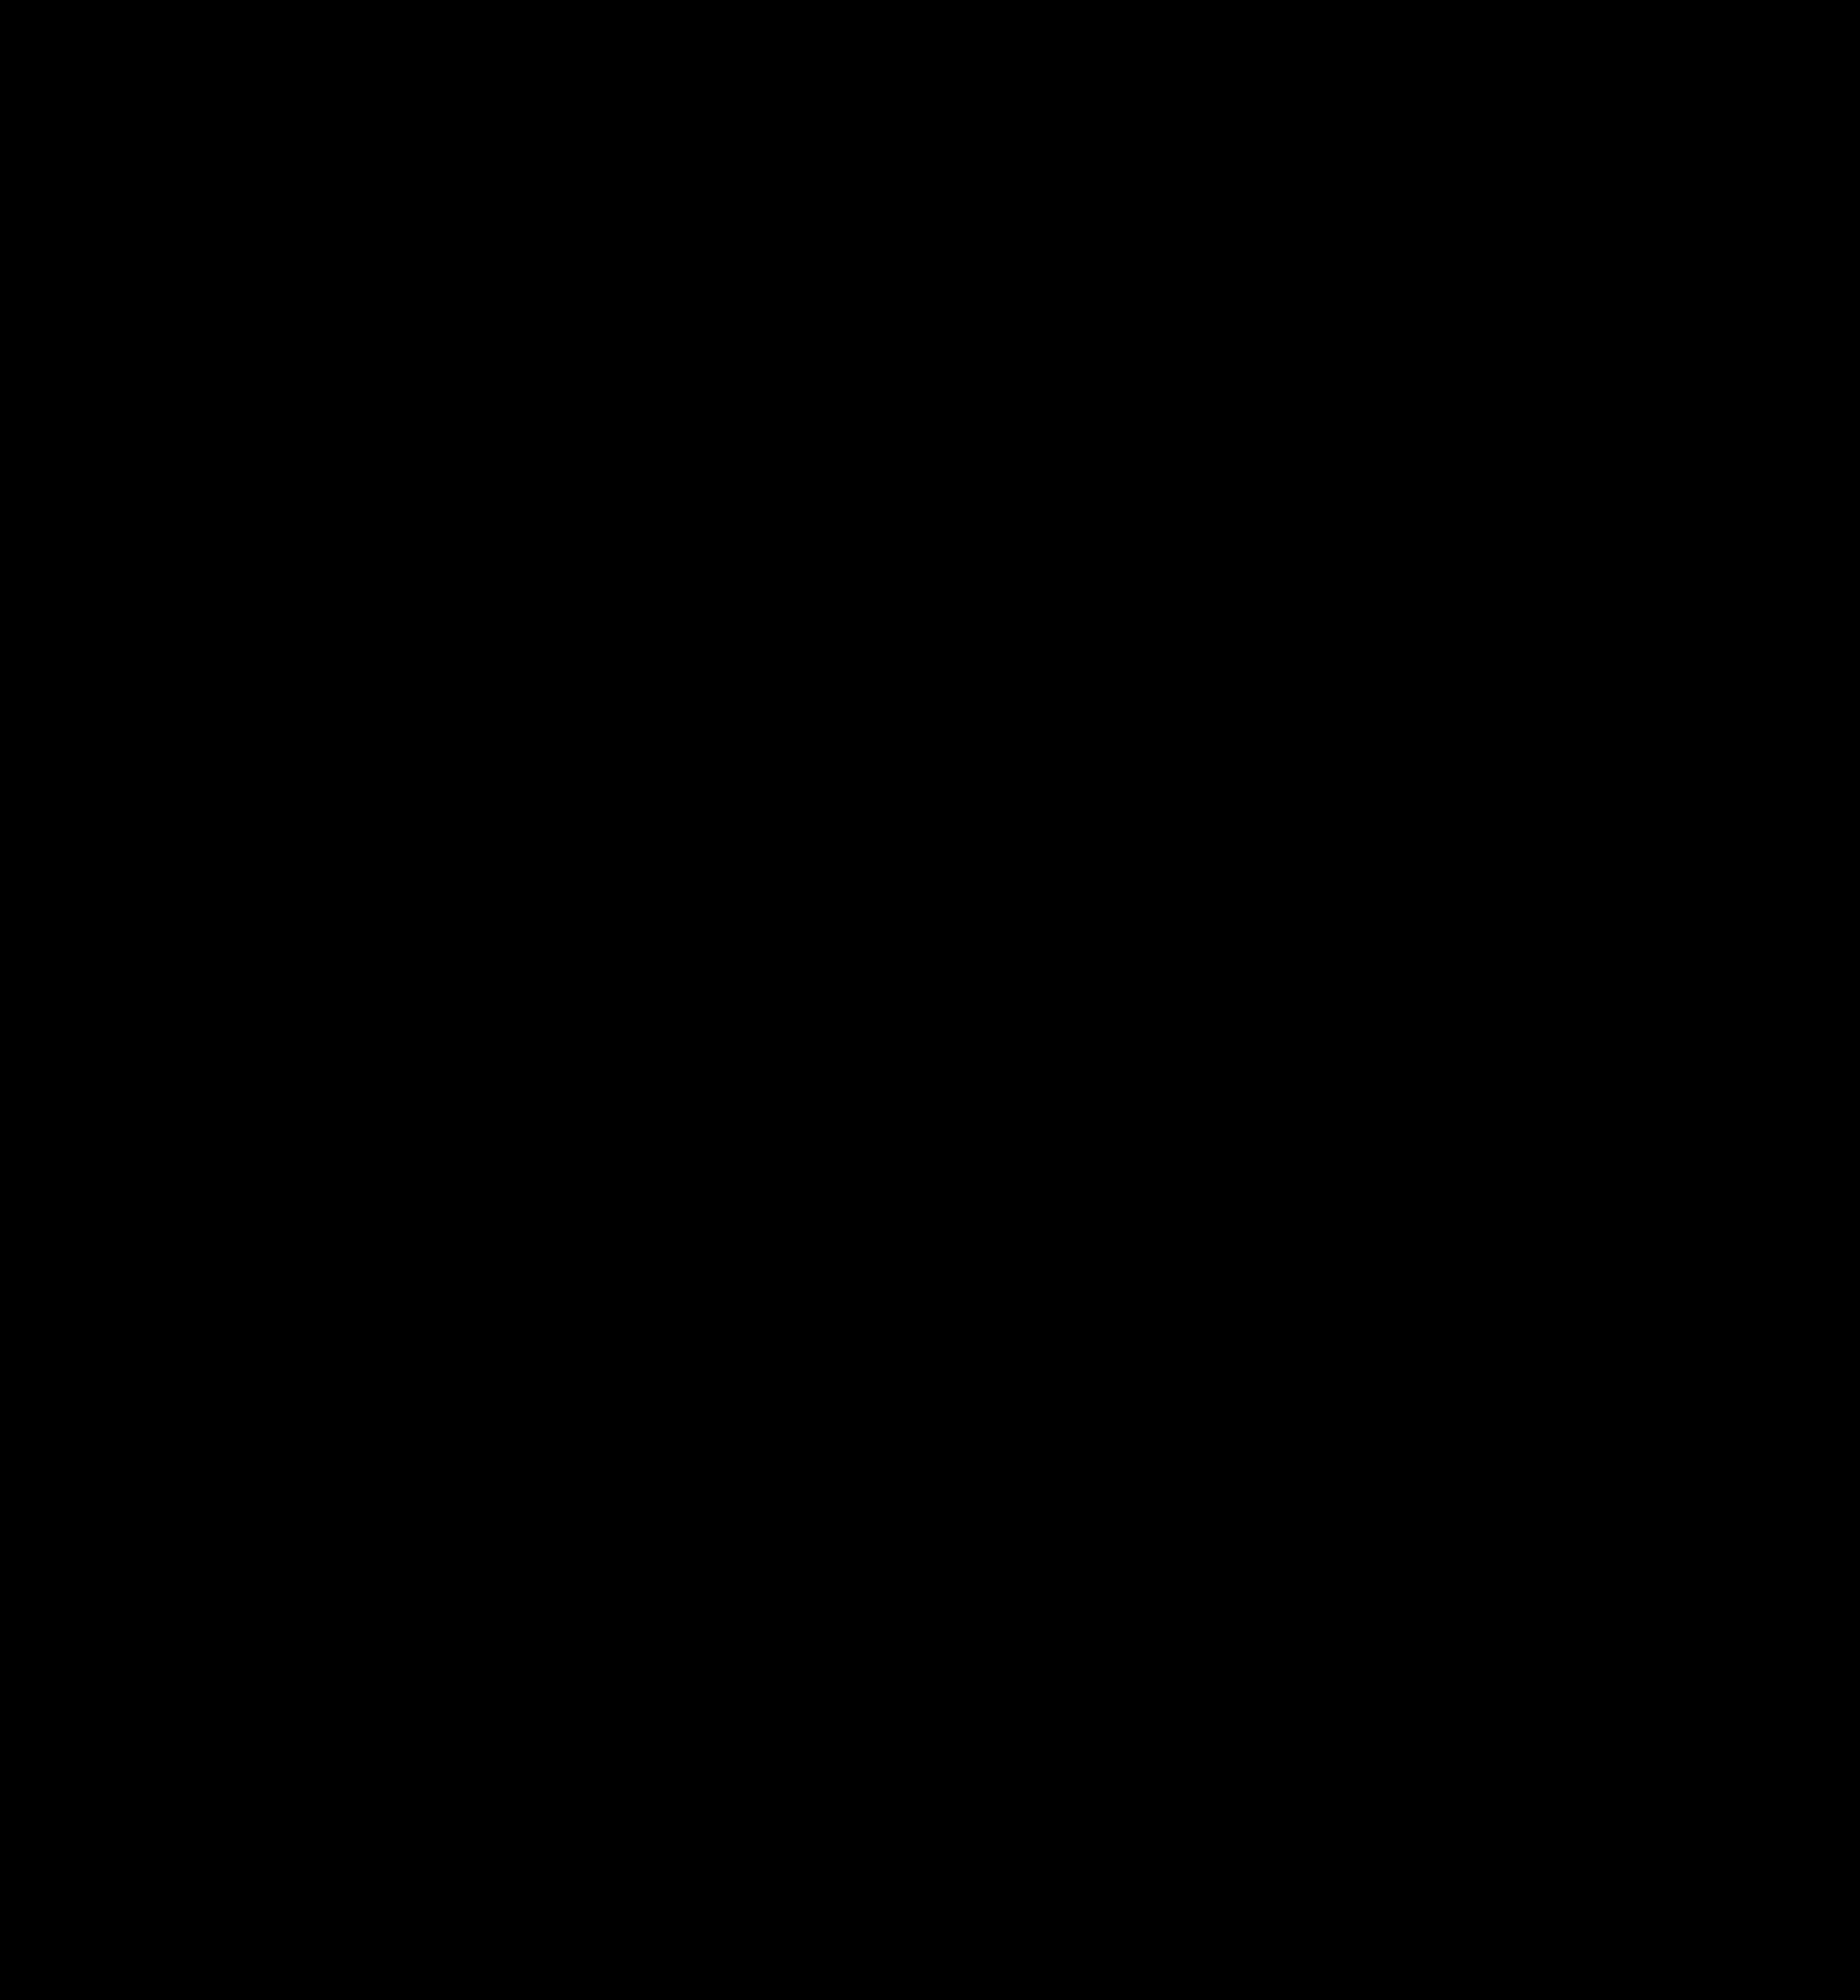 circle-png (1)